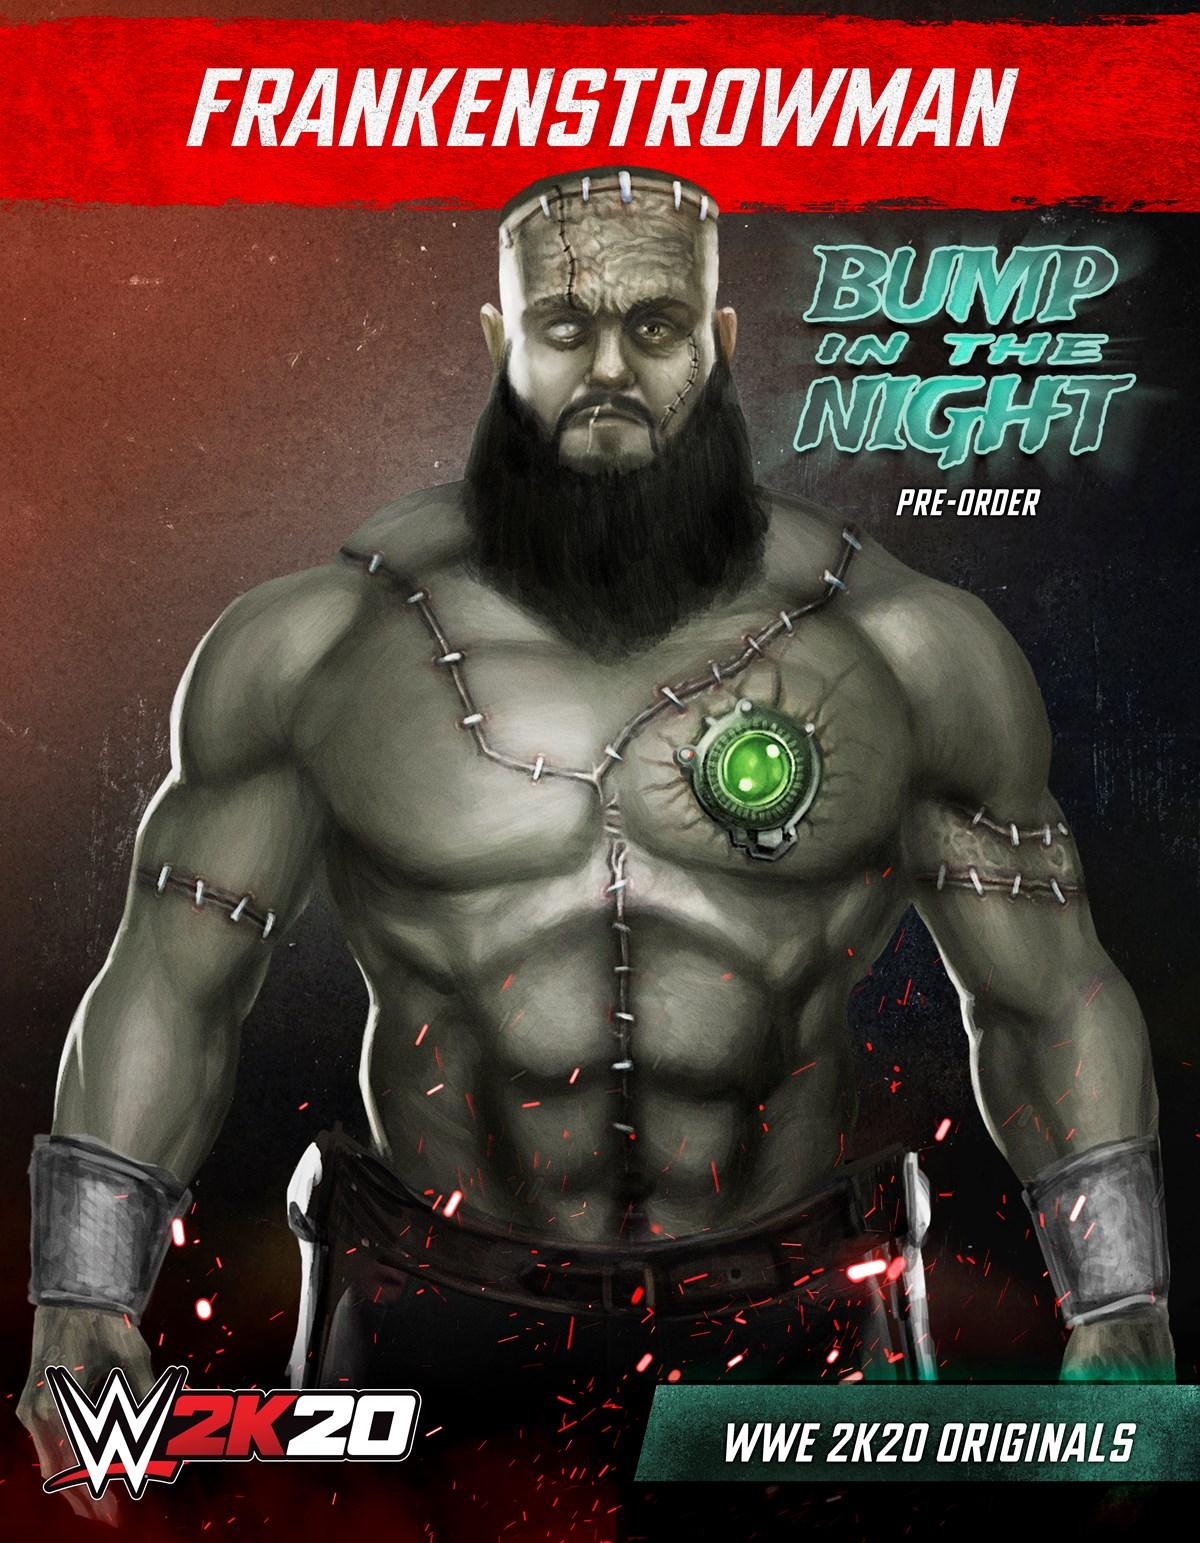 The Fiend, Bray Wyatt Headlines First WWE 2K20 Originals Pack, Braun Strowman, GamersRD